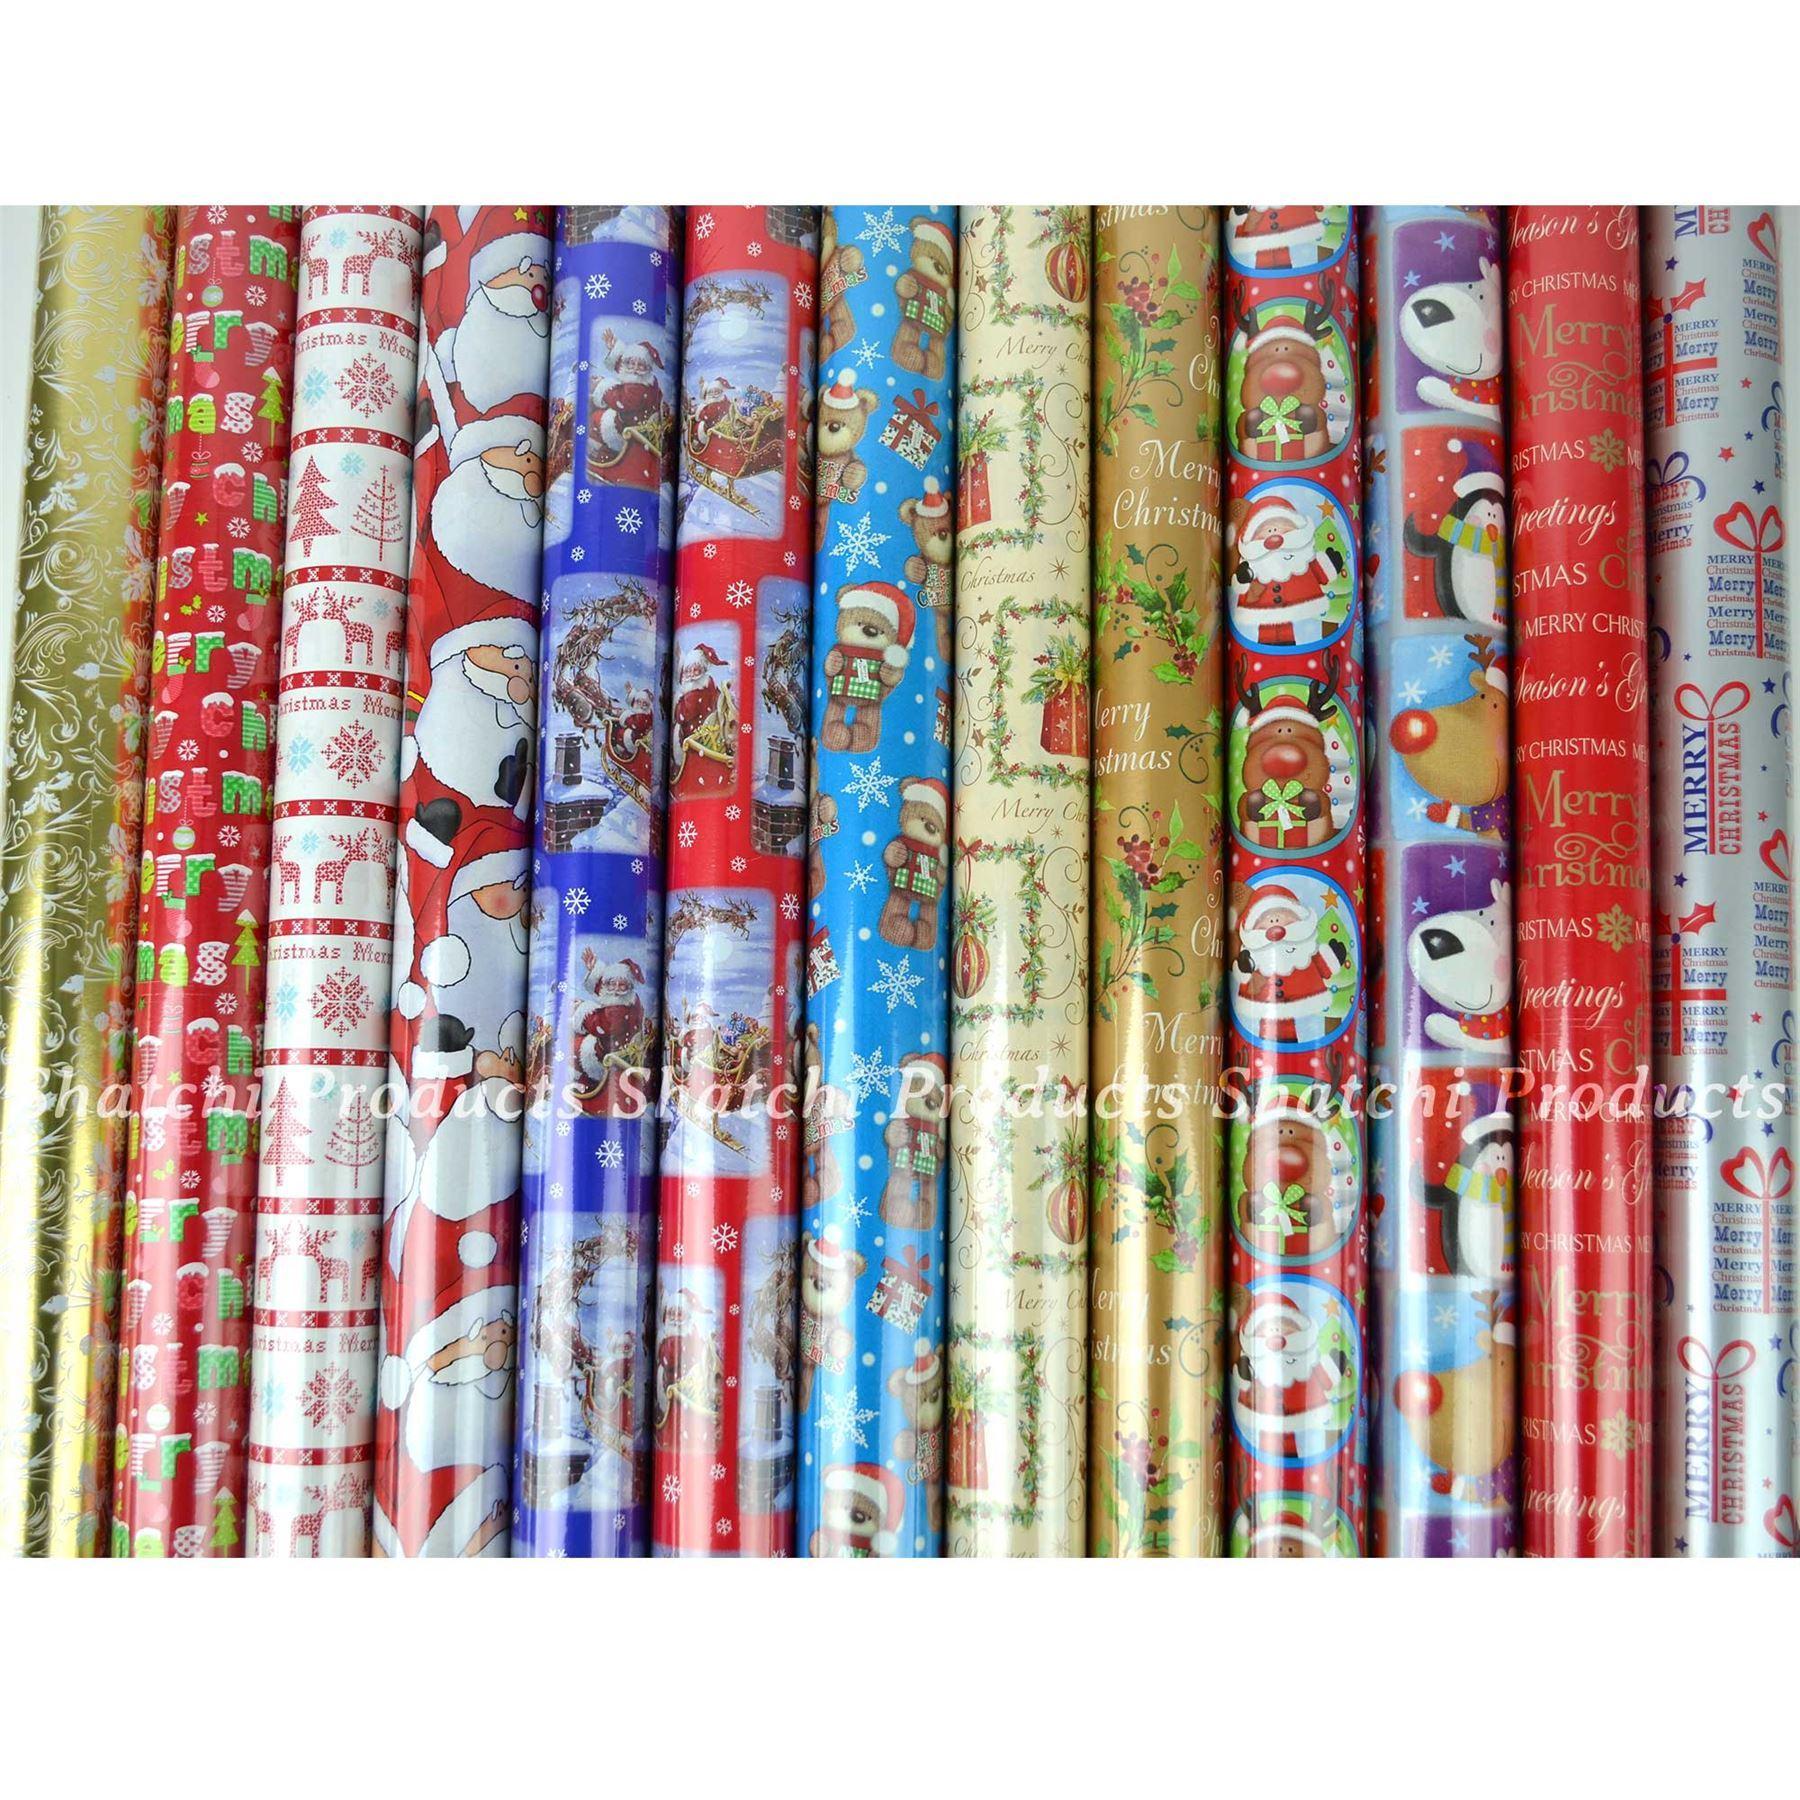 10M-Natale-Regalo-Wrap-Assortiti-ROTOLI-DI-CARTA-DA-PACCO-ROTOLO-REGALO-DI-NATALE miniatura 24